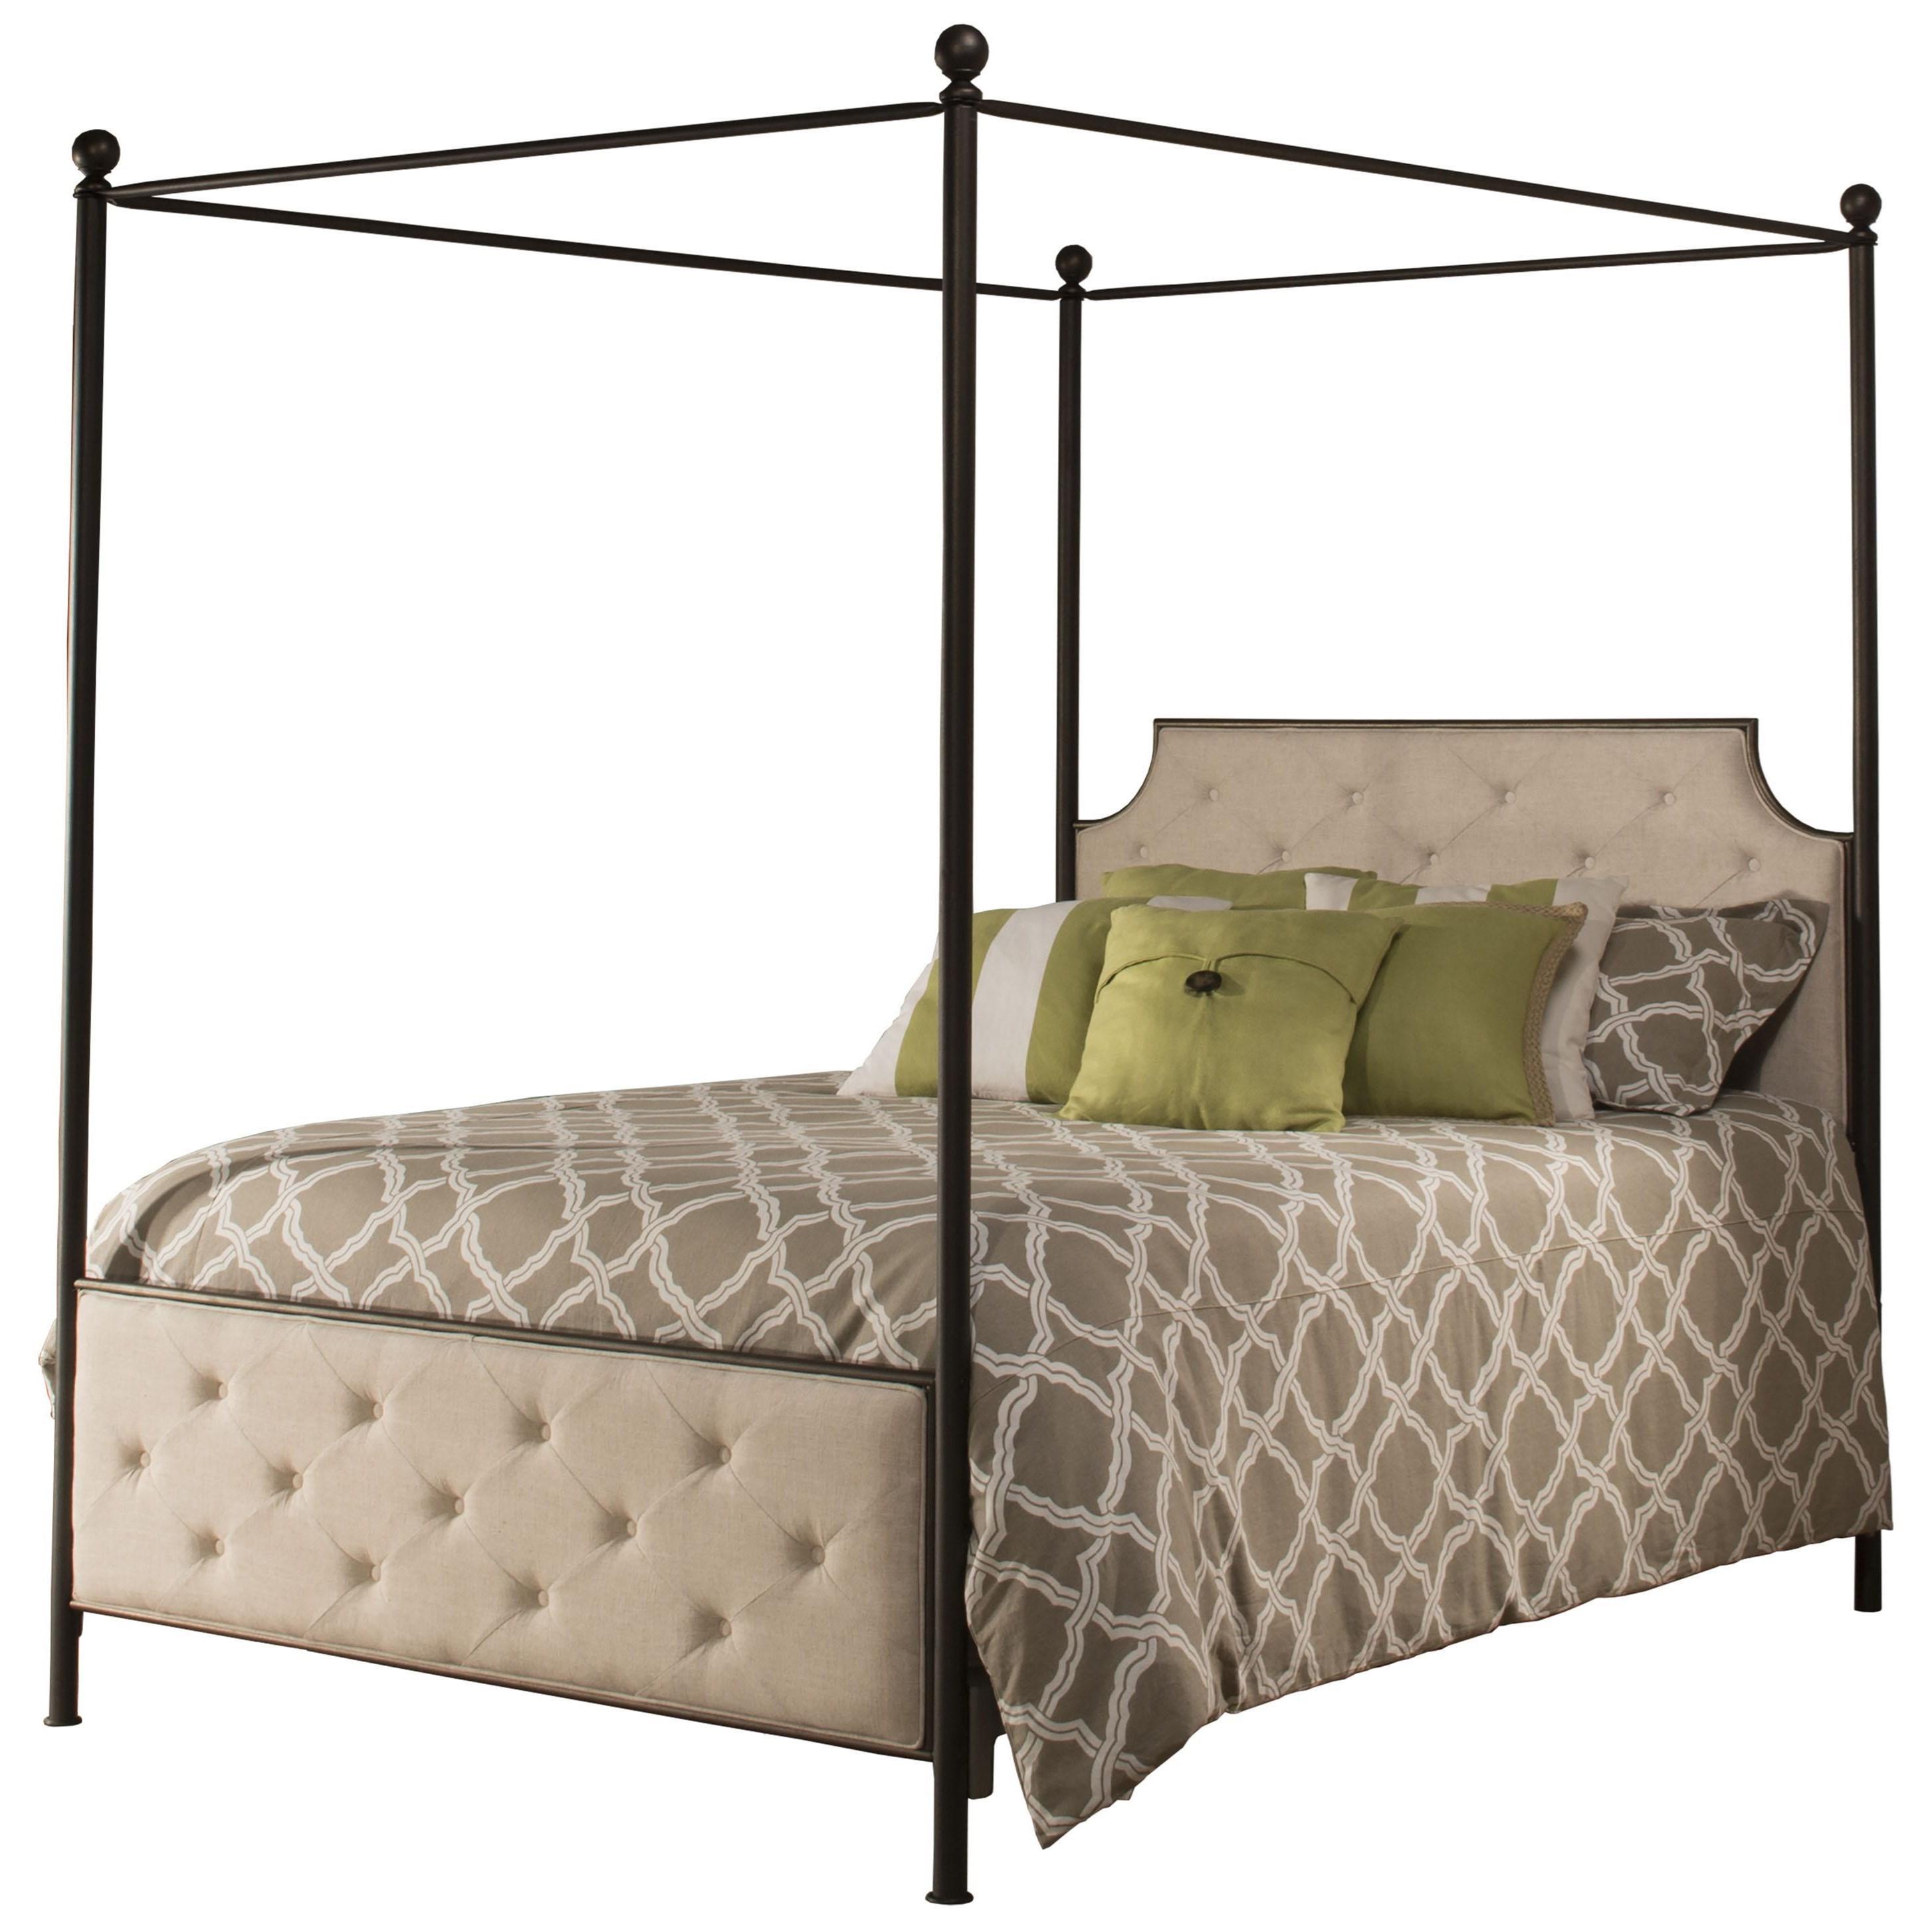 Hillsdale Metal Beds King Canopy Bed Set - Item Number: 1809BKCR